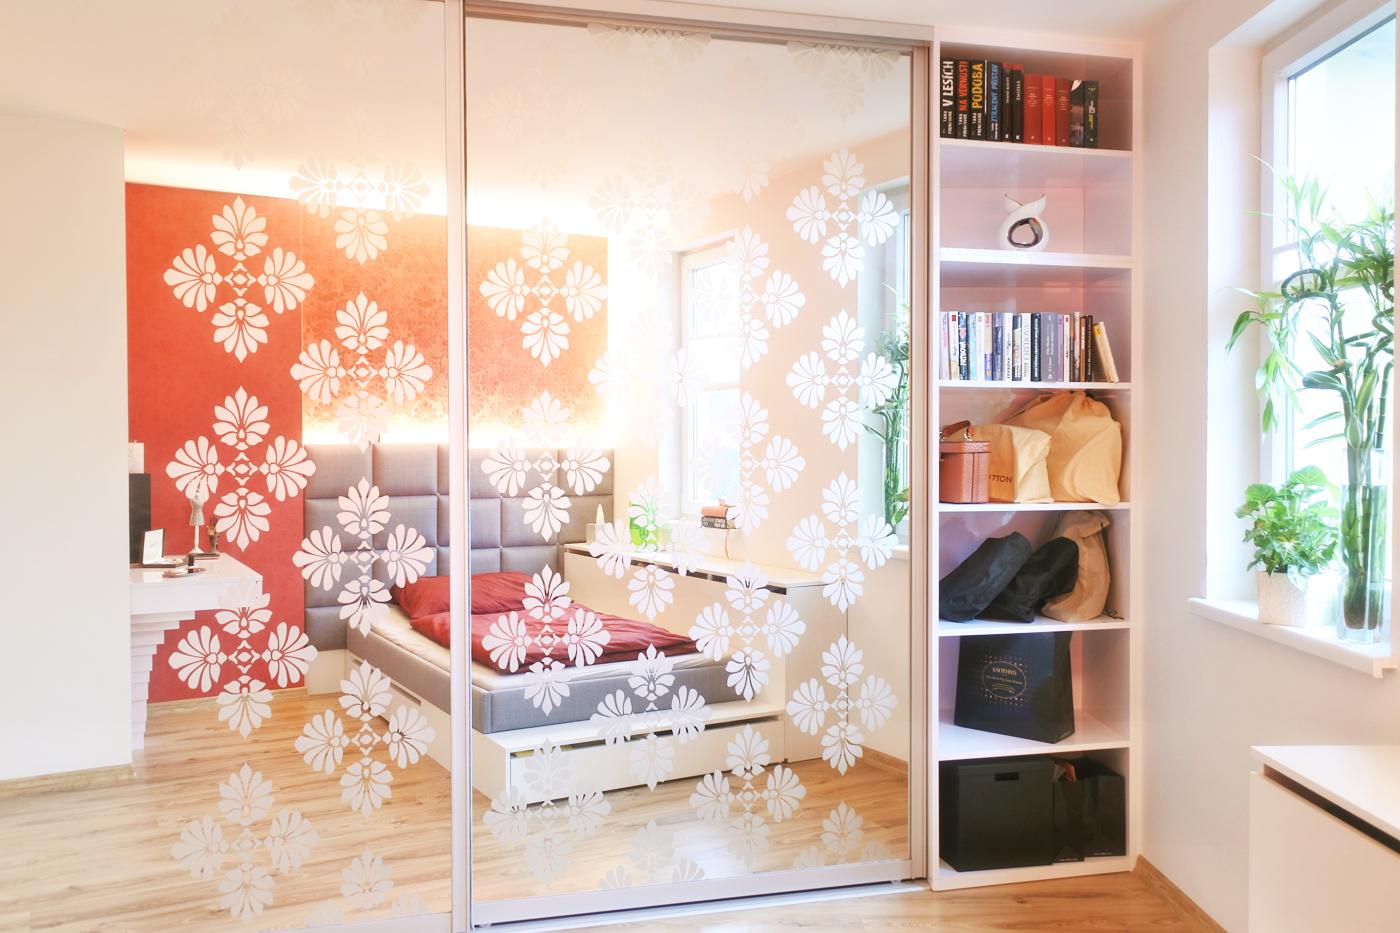 Naproti postele je umístěná vestavná skříň, kterou odlehčuje otevřená policová část. Vypískovaný dekor na zrcadlových dveřích skříně navazuje na dekor červené tapety nad čalouněným čelem postele.